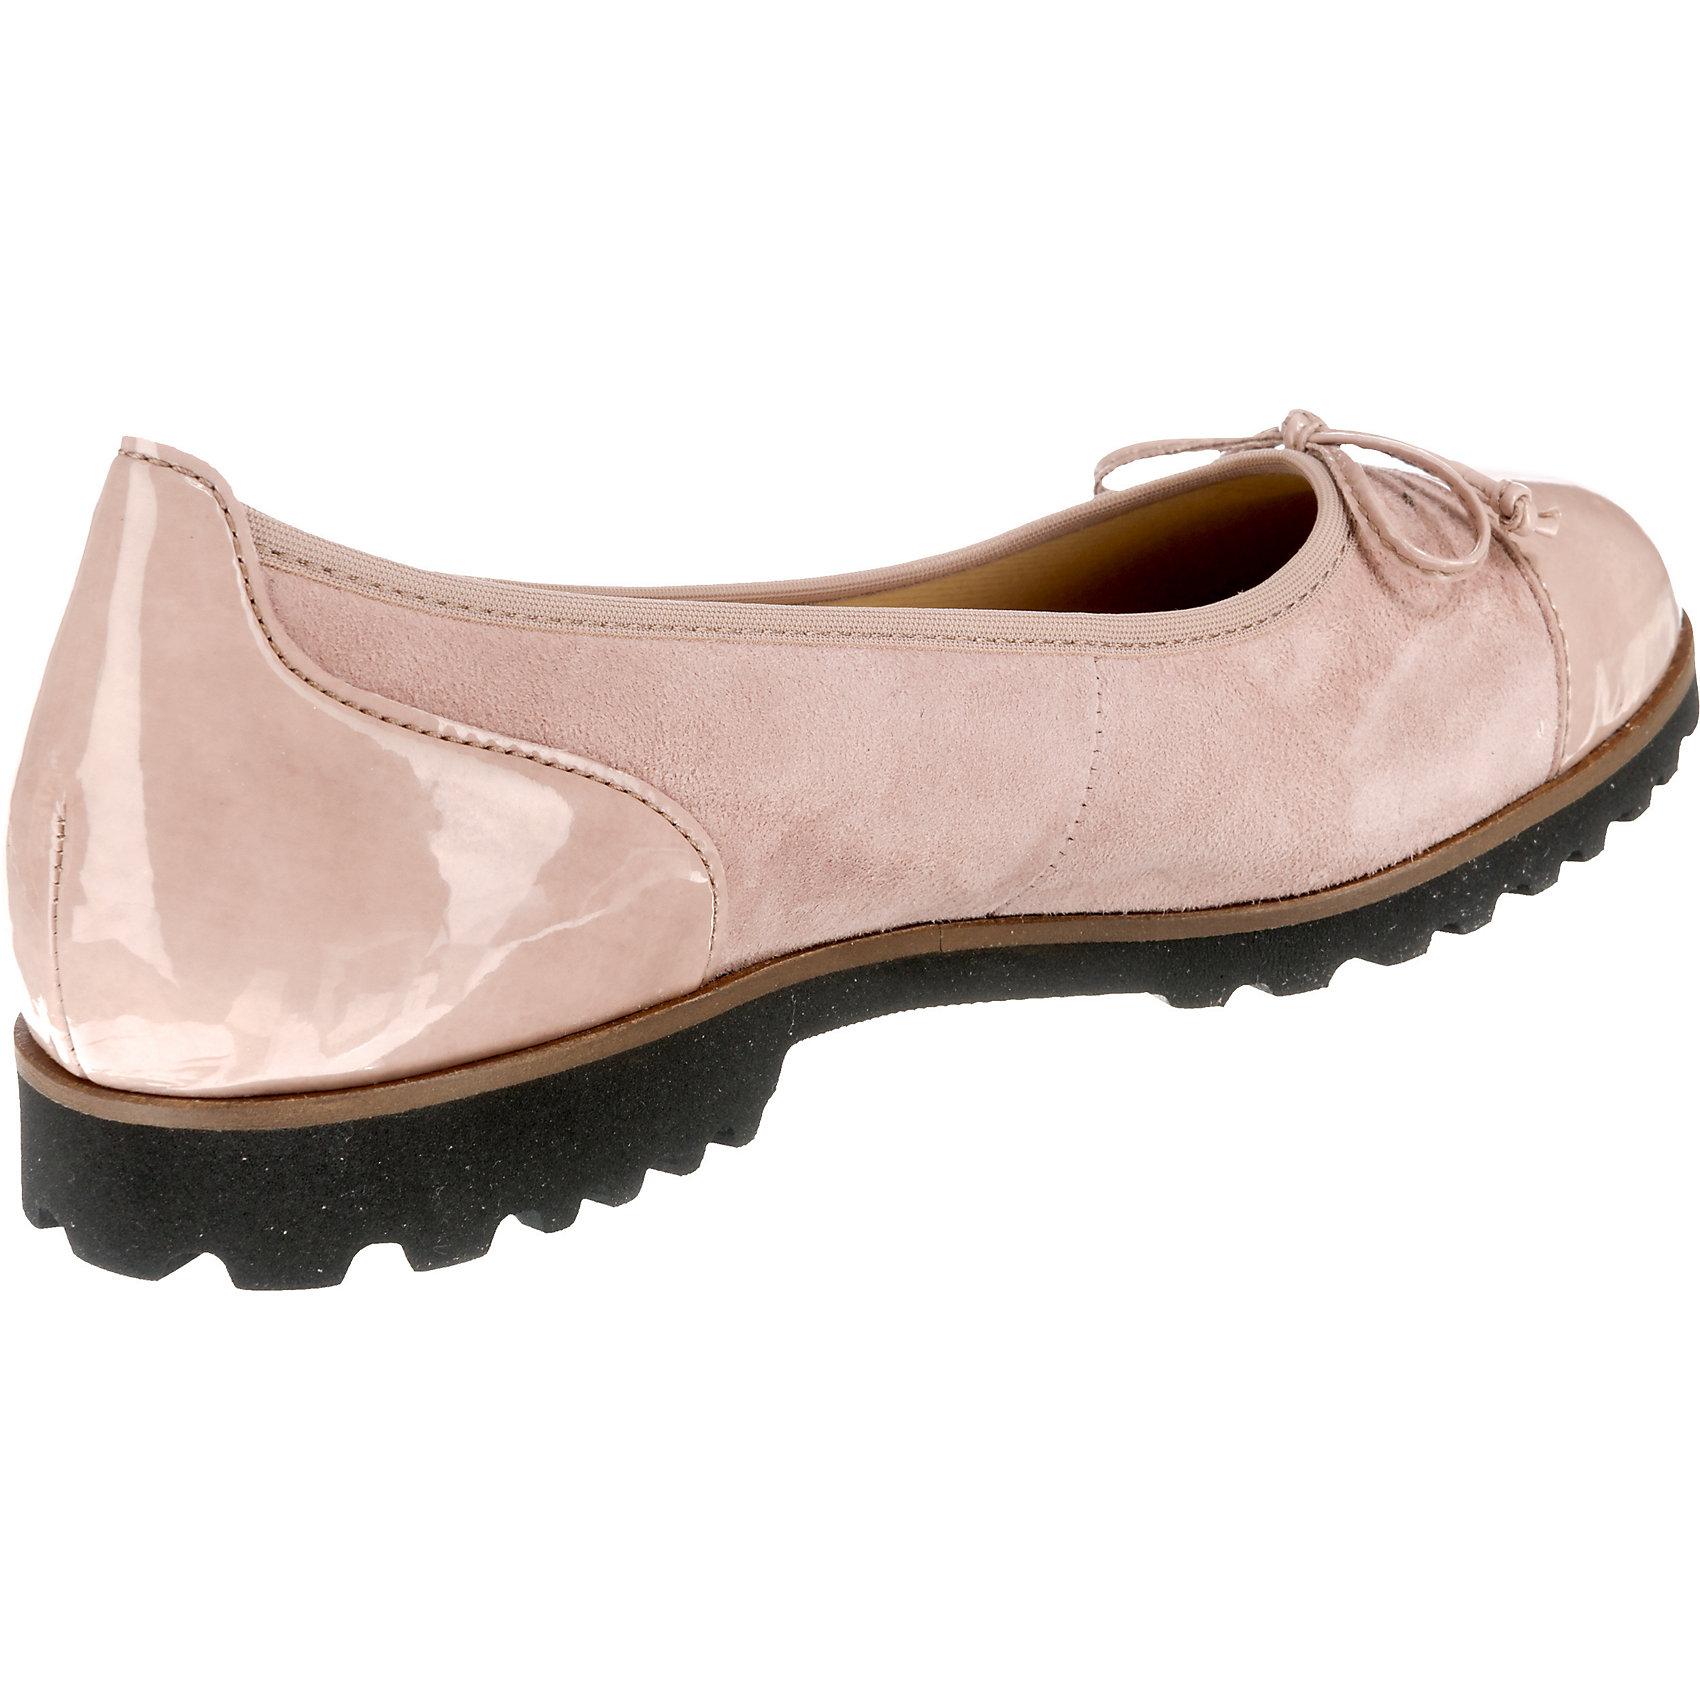 Neu Gabor Klassische Ballerinas 8396925 für Damen rosa Damen